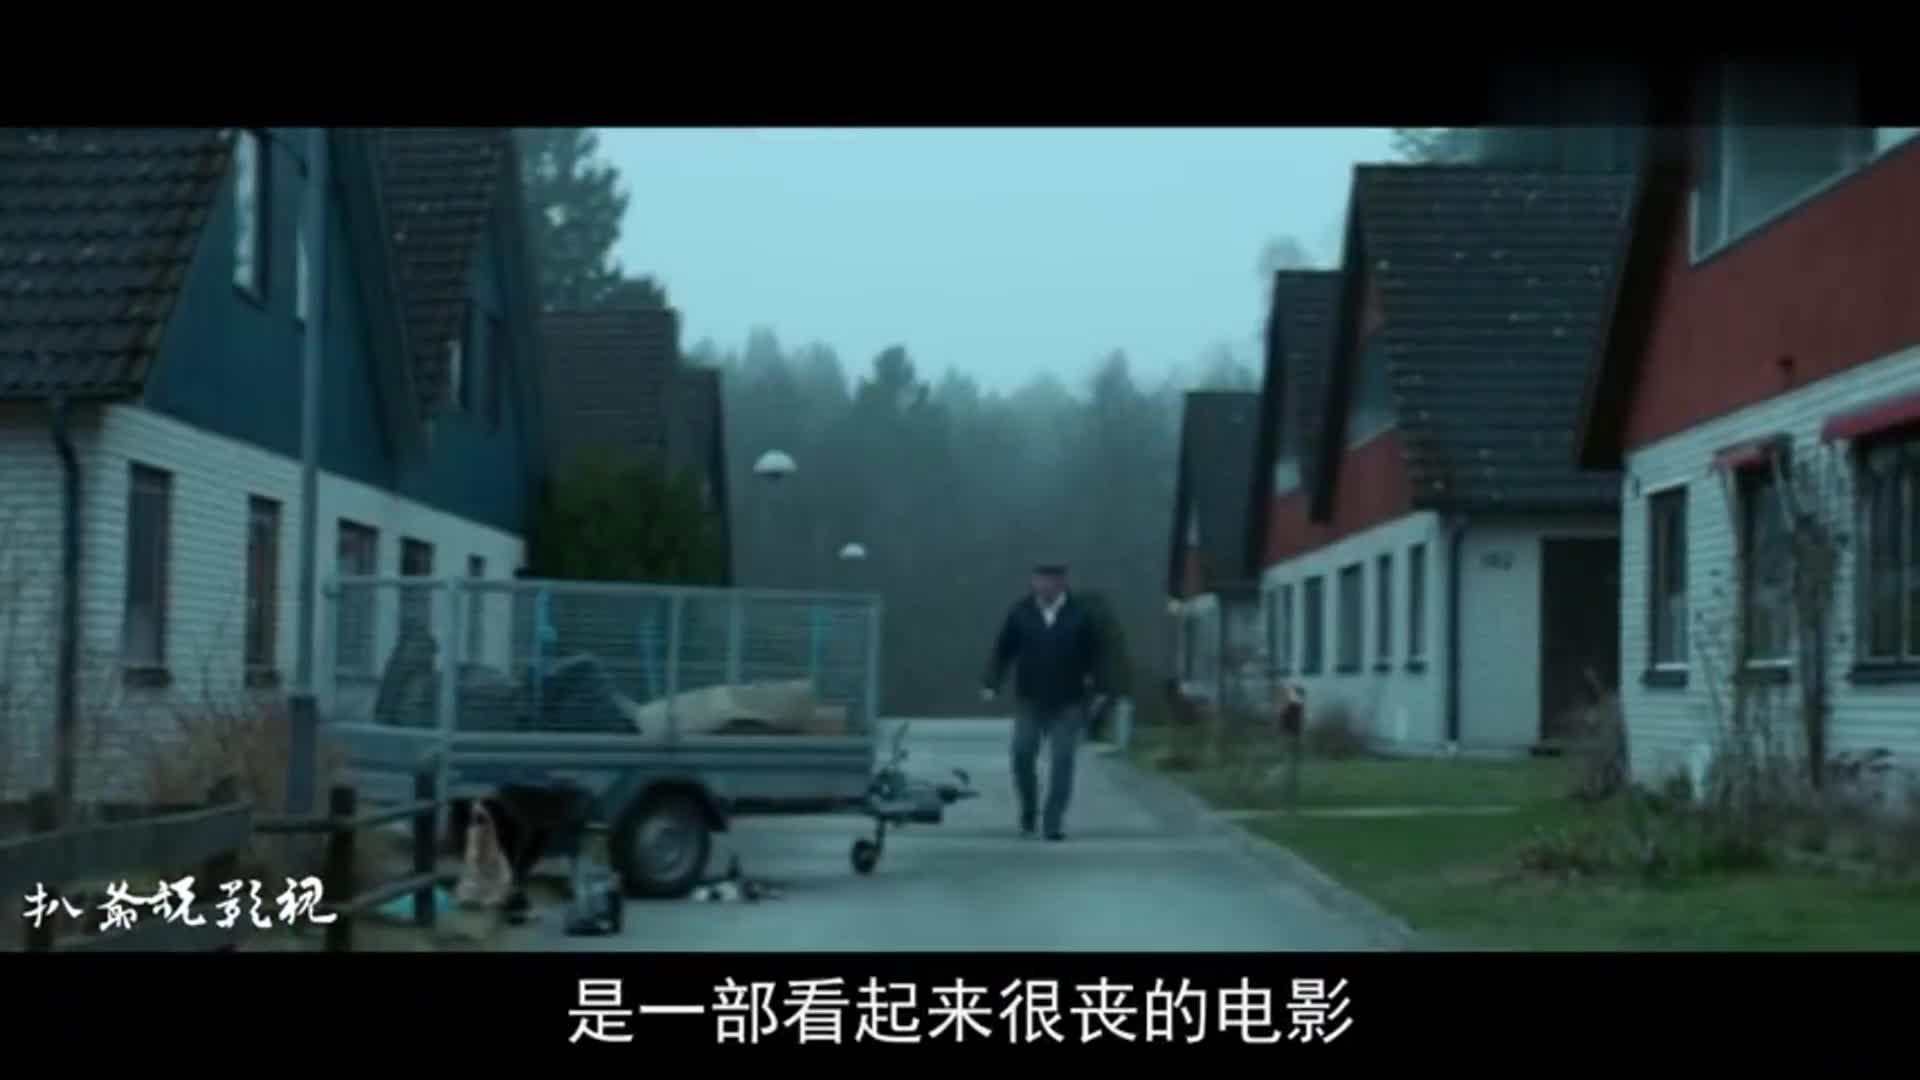 #影视#《一个叫欧维的男人决定去死》:经历了怎样的人生,才会决定去死